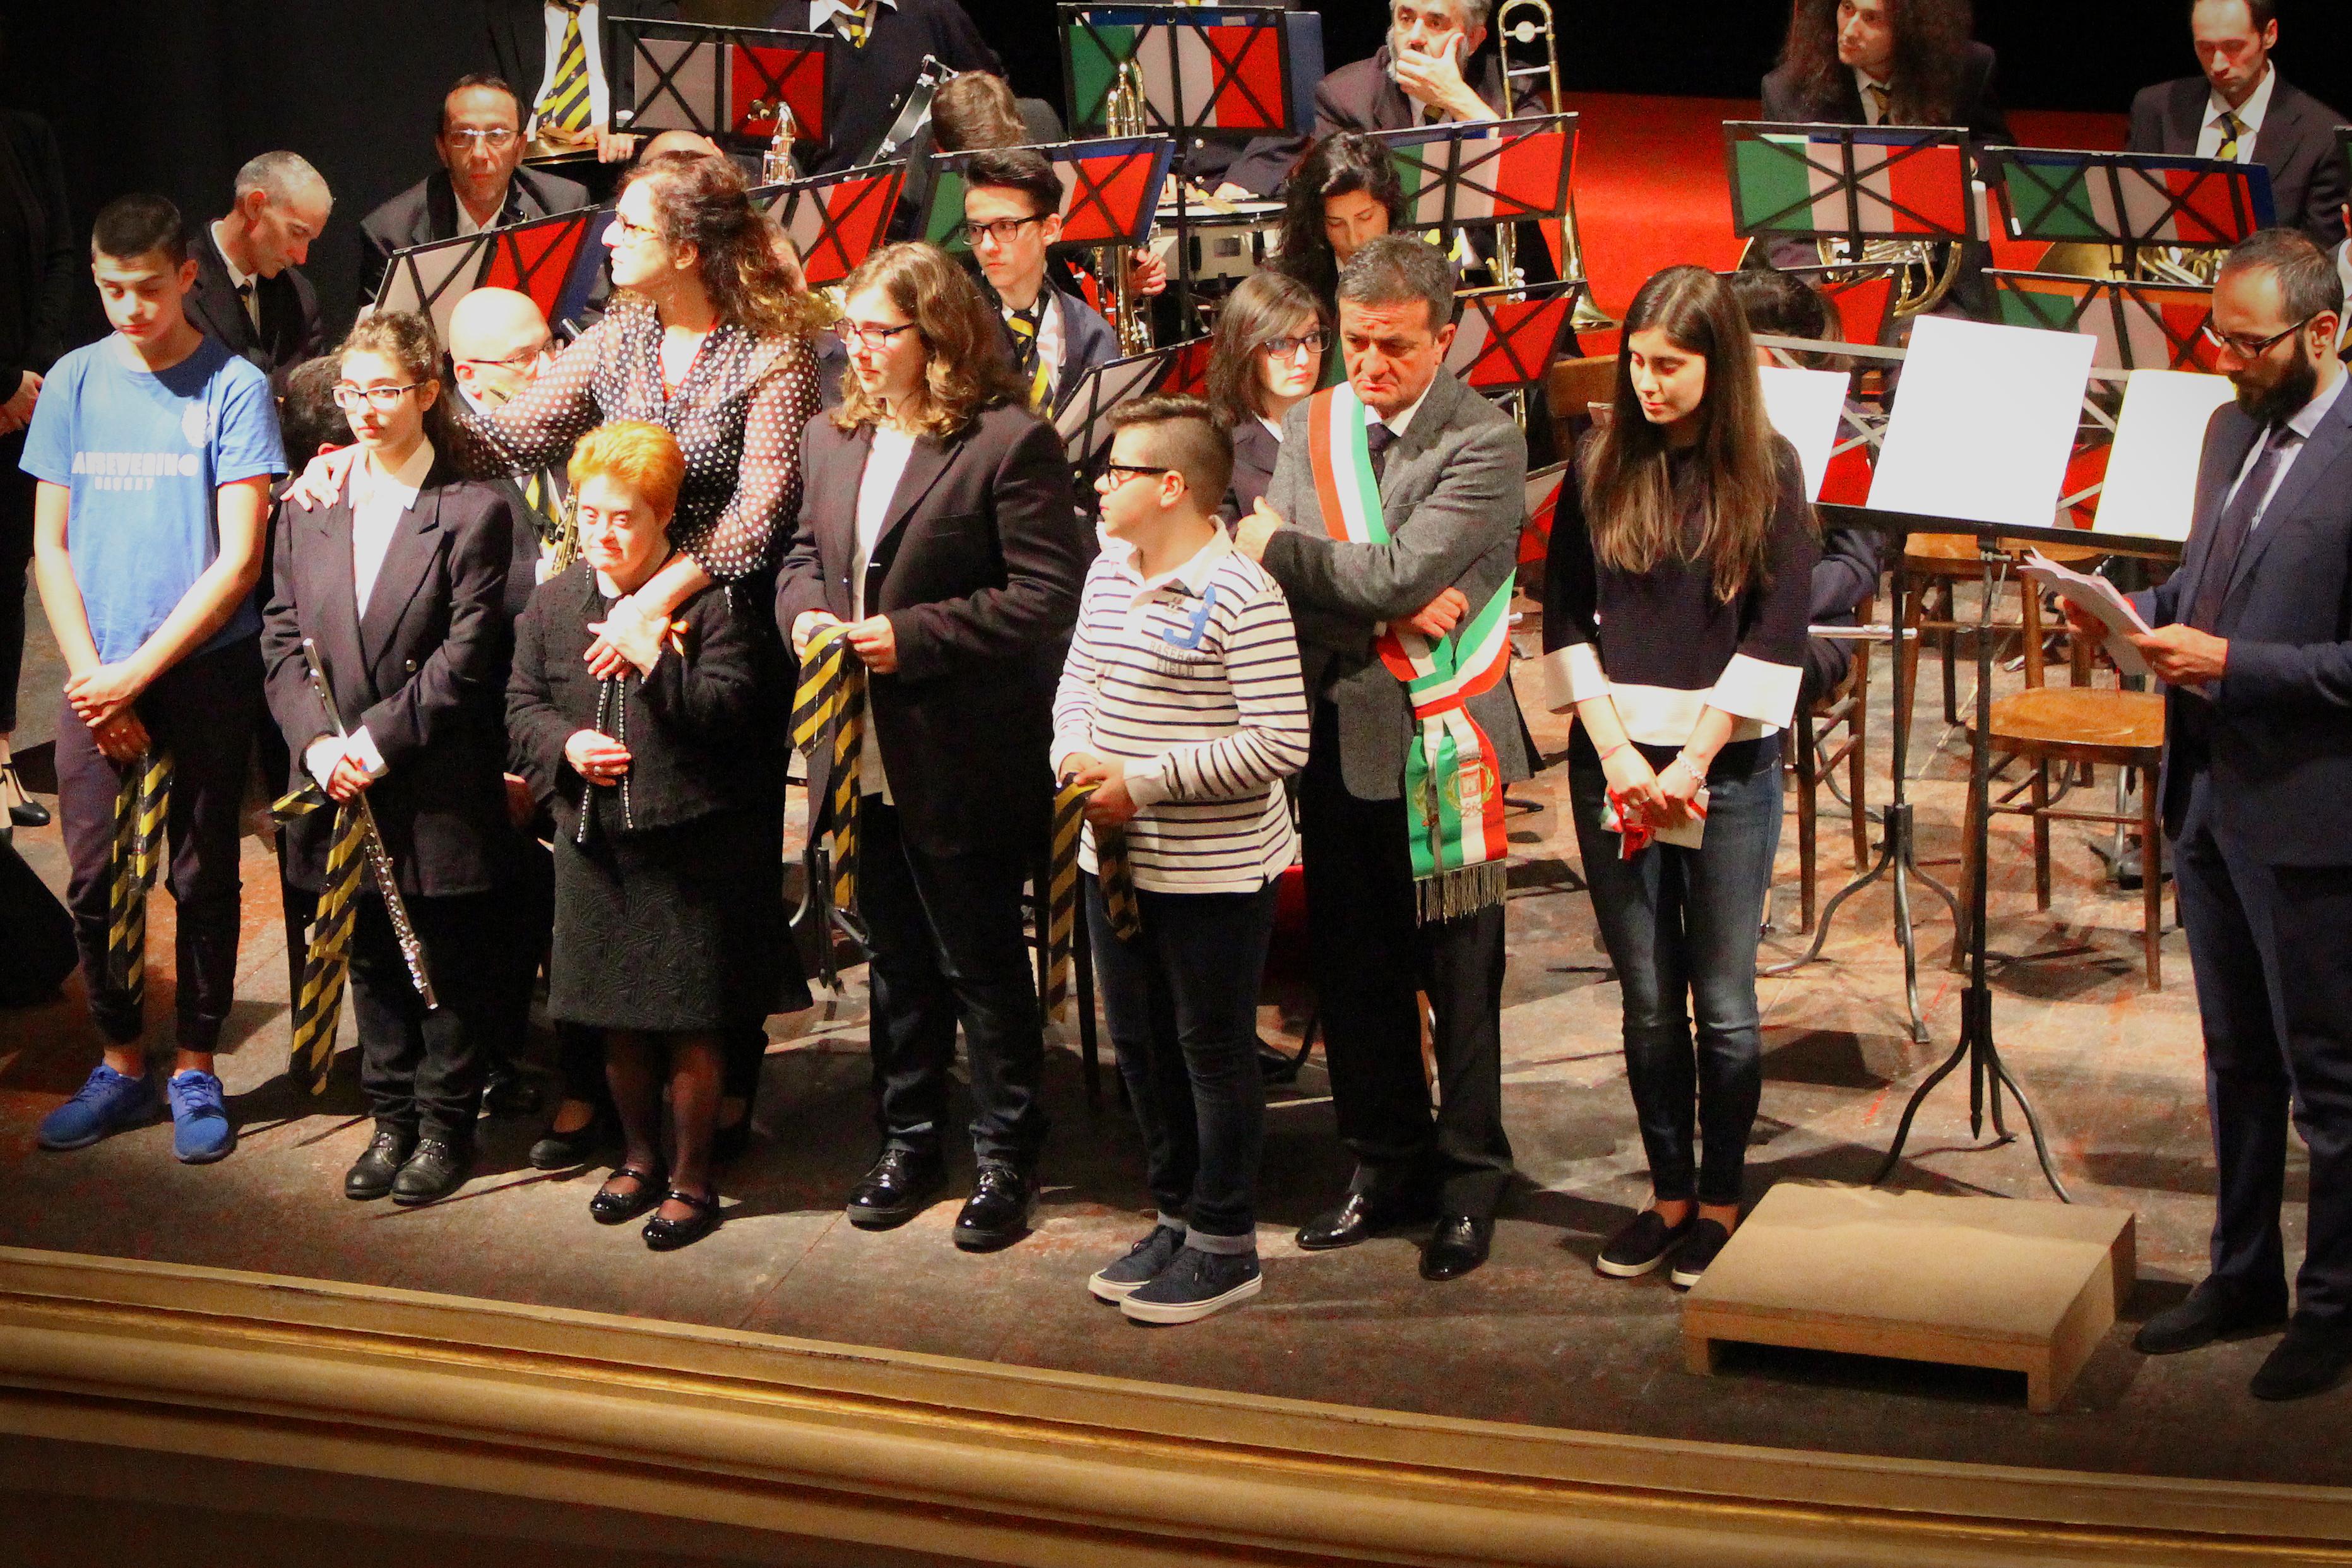 Cerimonia BENVENUTO ai nuovi musicanti della #BandaAdriani